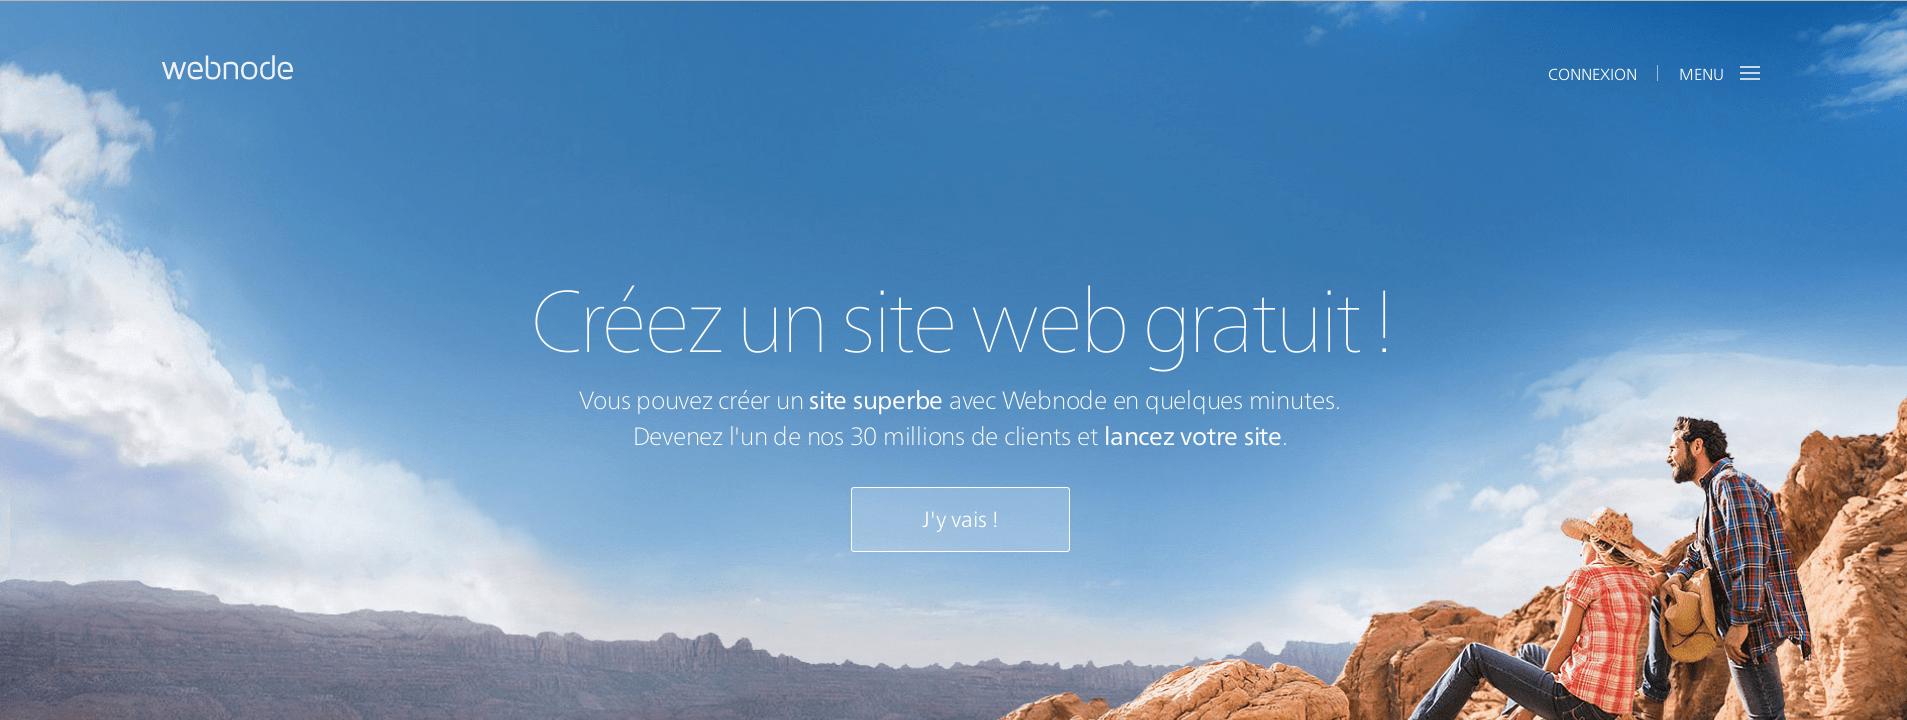 Aperçu du site du logiciel Webnode